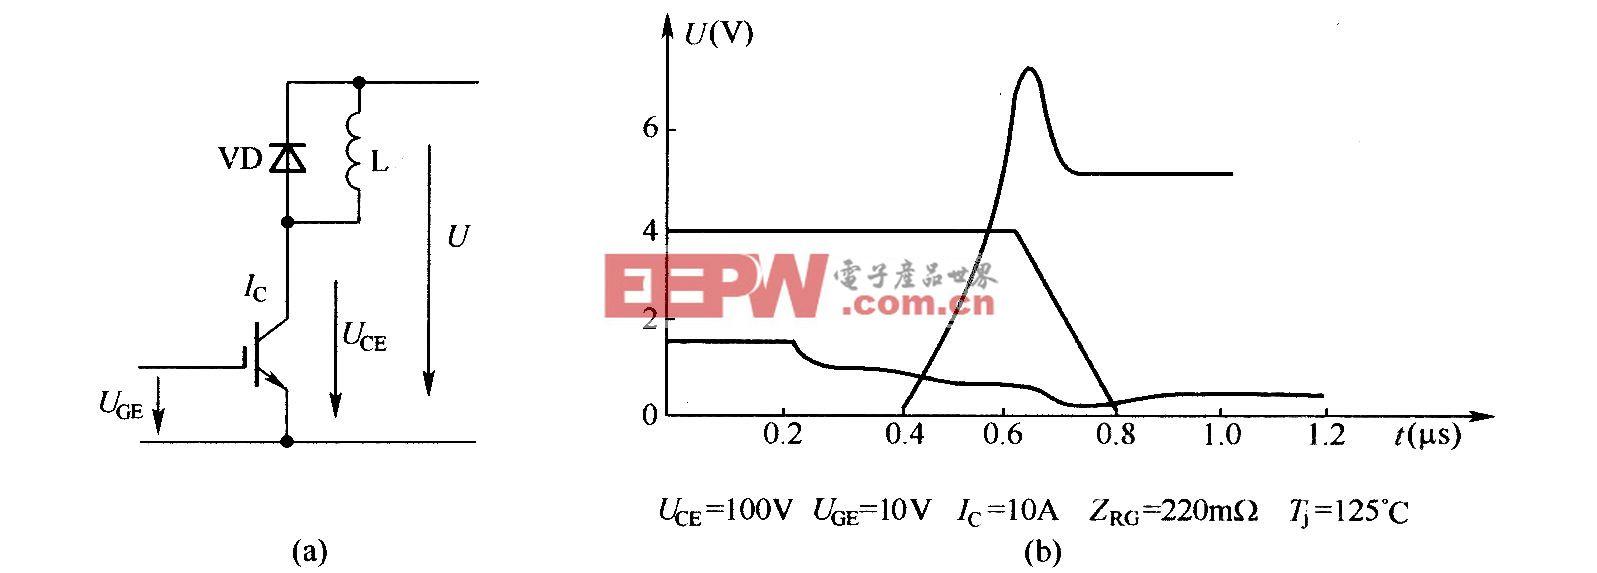 硬开关斩波电路中的IGBT的关断电压波形